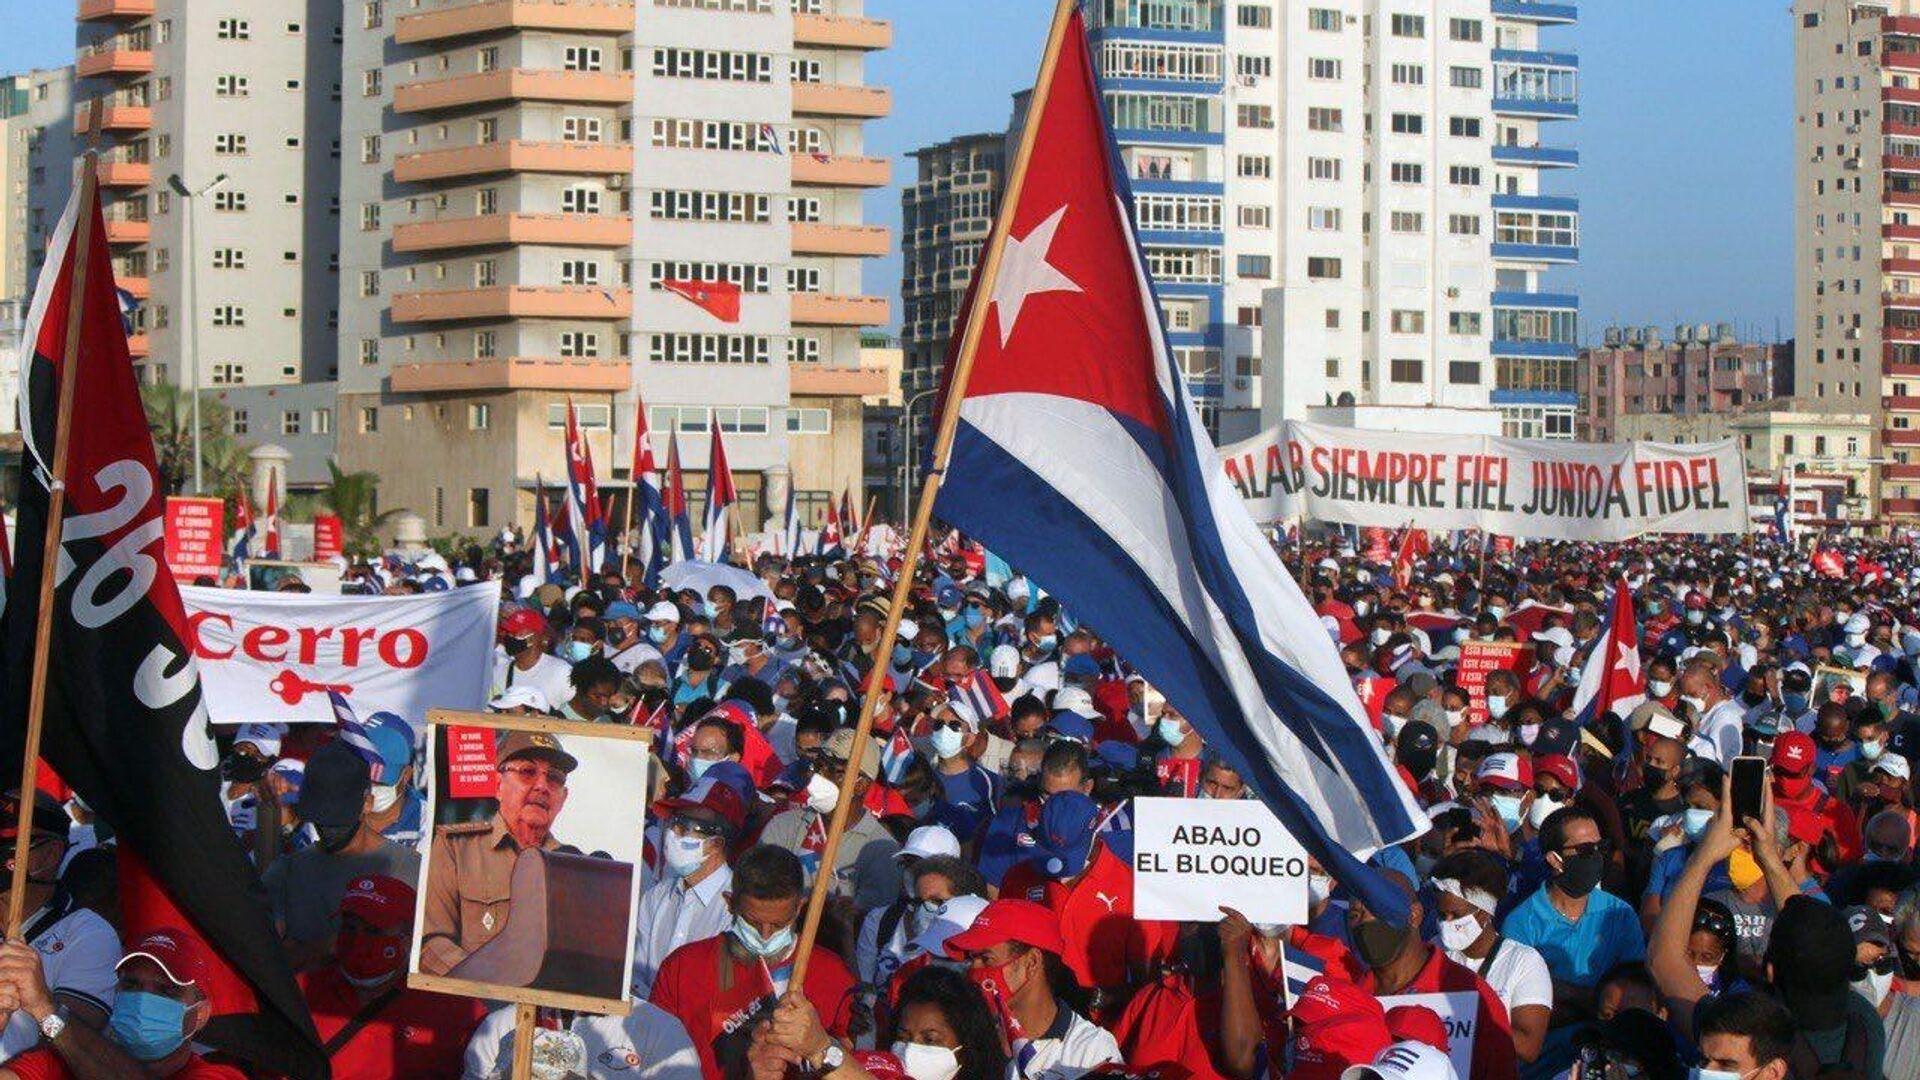 Lidé demonstrují na podporu vlády v Havaně - Sputnik Česká republika, 1920, 18.07.2021